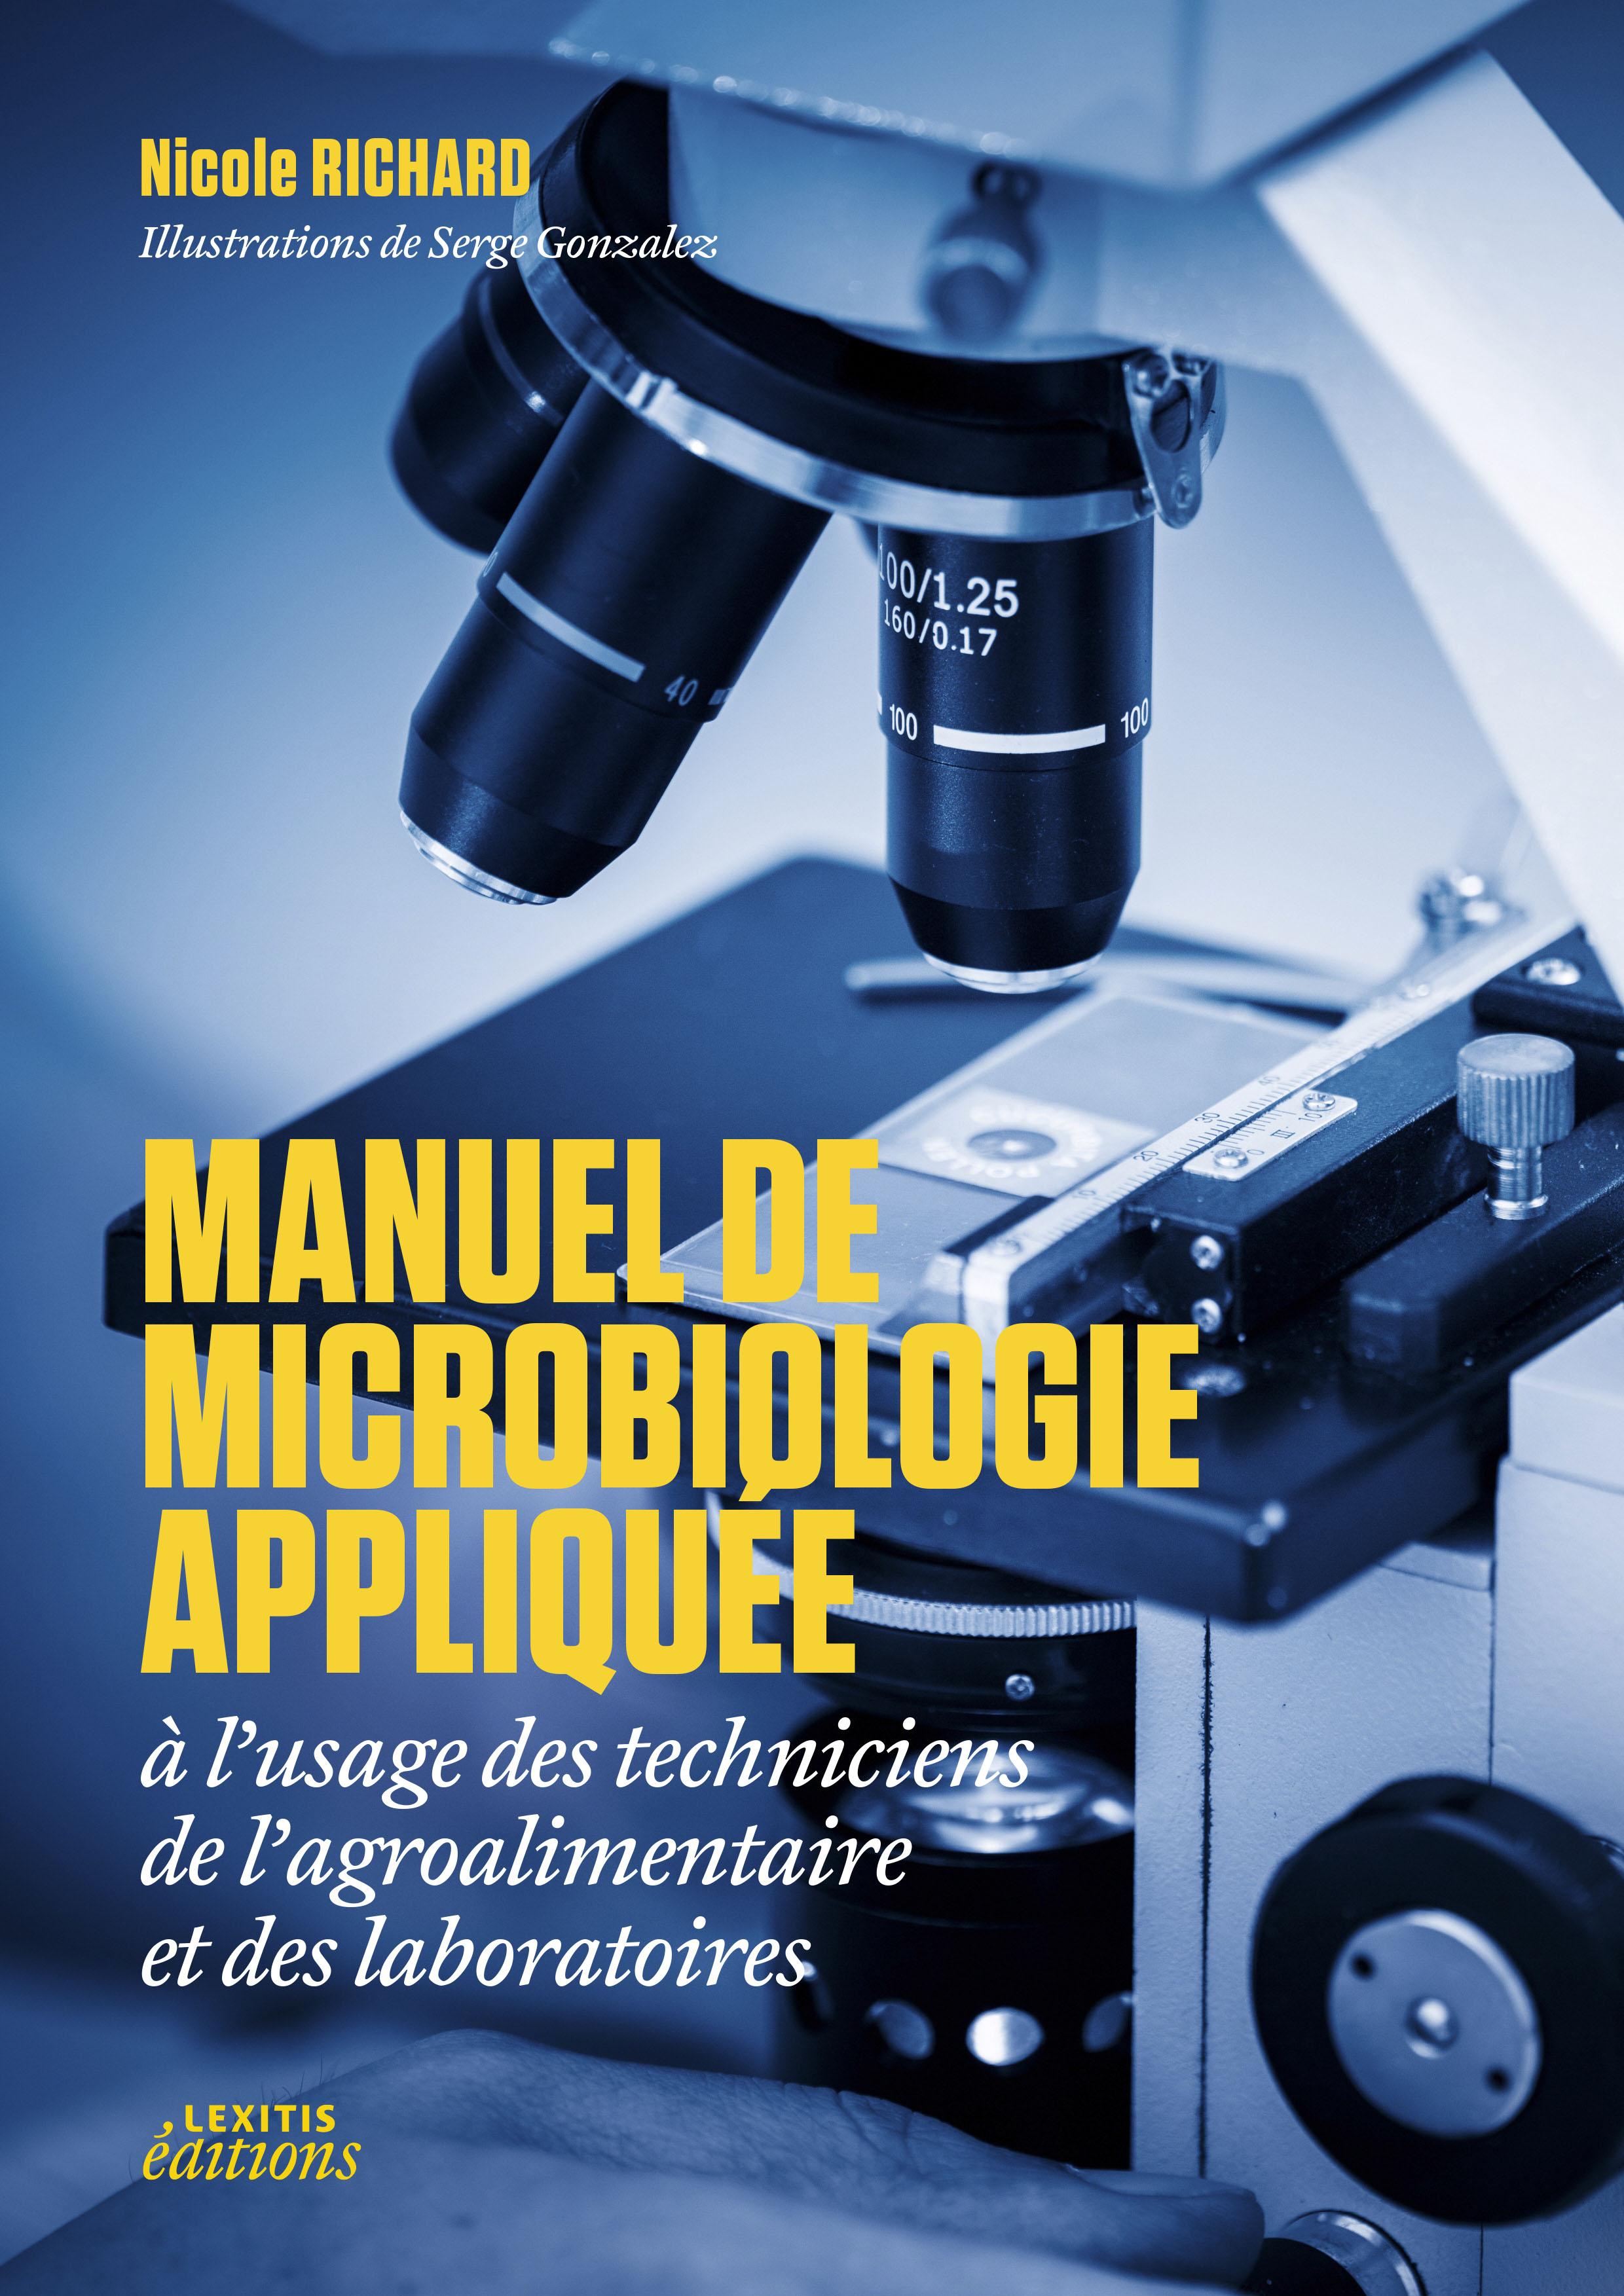 rencontre microbiologie a3p Forum a3p cosmetique: lyon rencontres industrielles inter sud: beziers journee thematique microbiologie et cytometrie: lille - france.